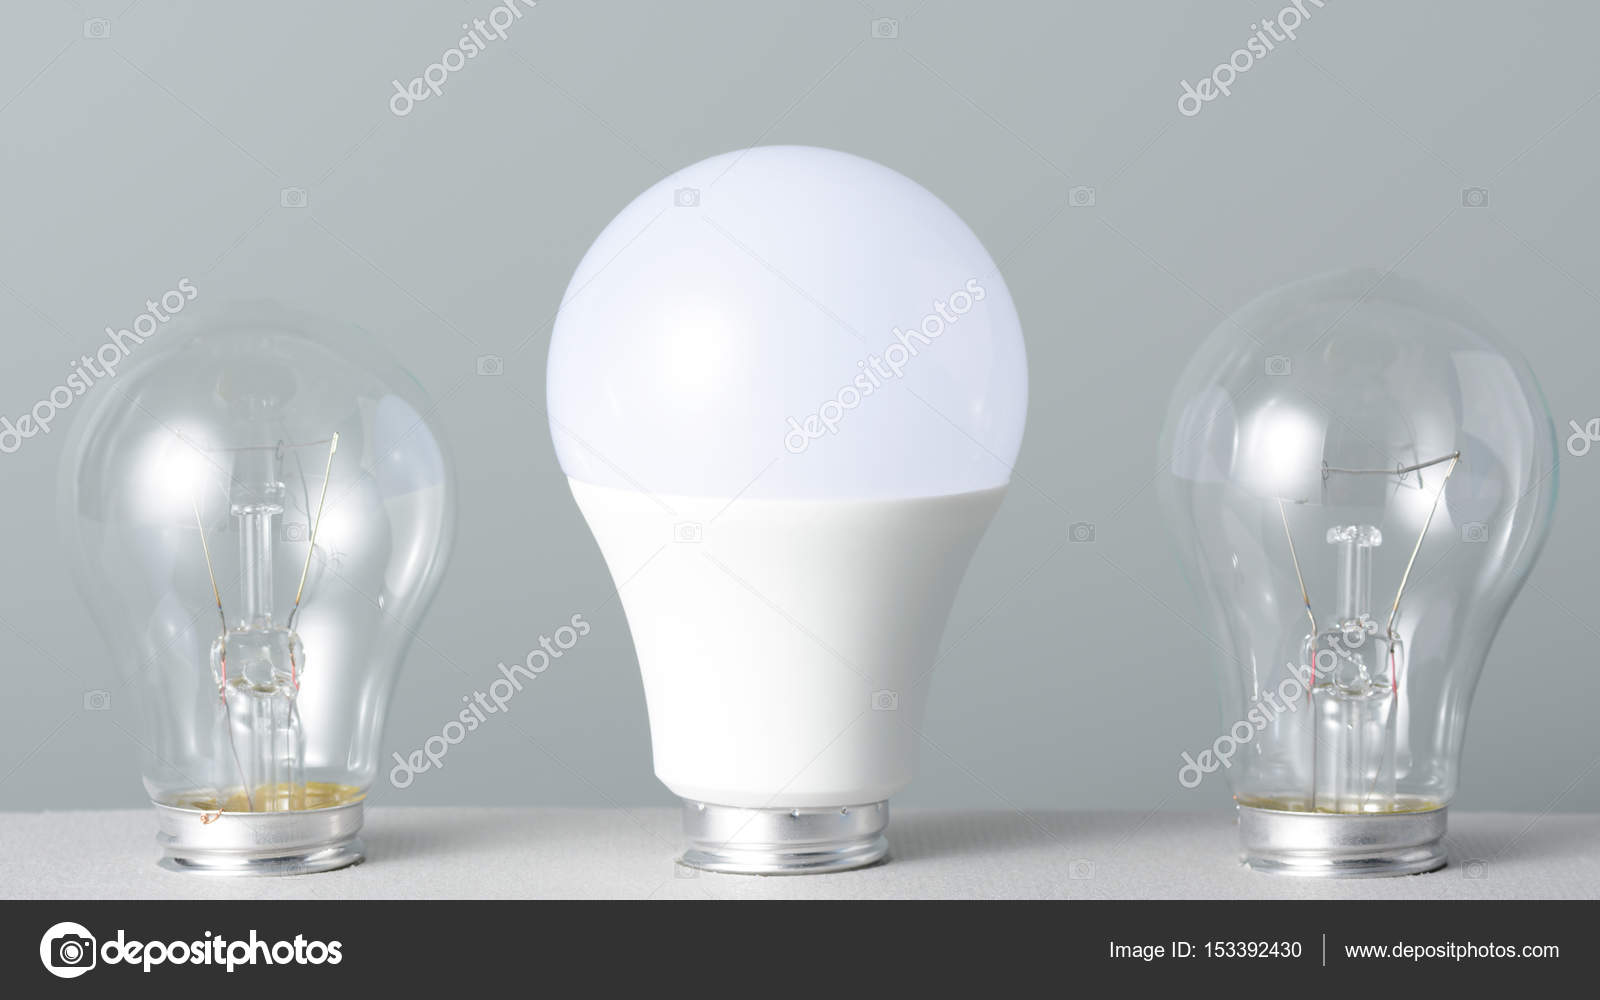 Lampe Led Et Ampoules A Incandescence Photographie Ramif C 153392430